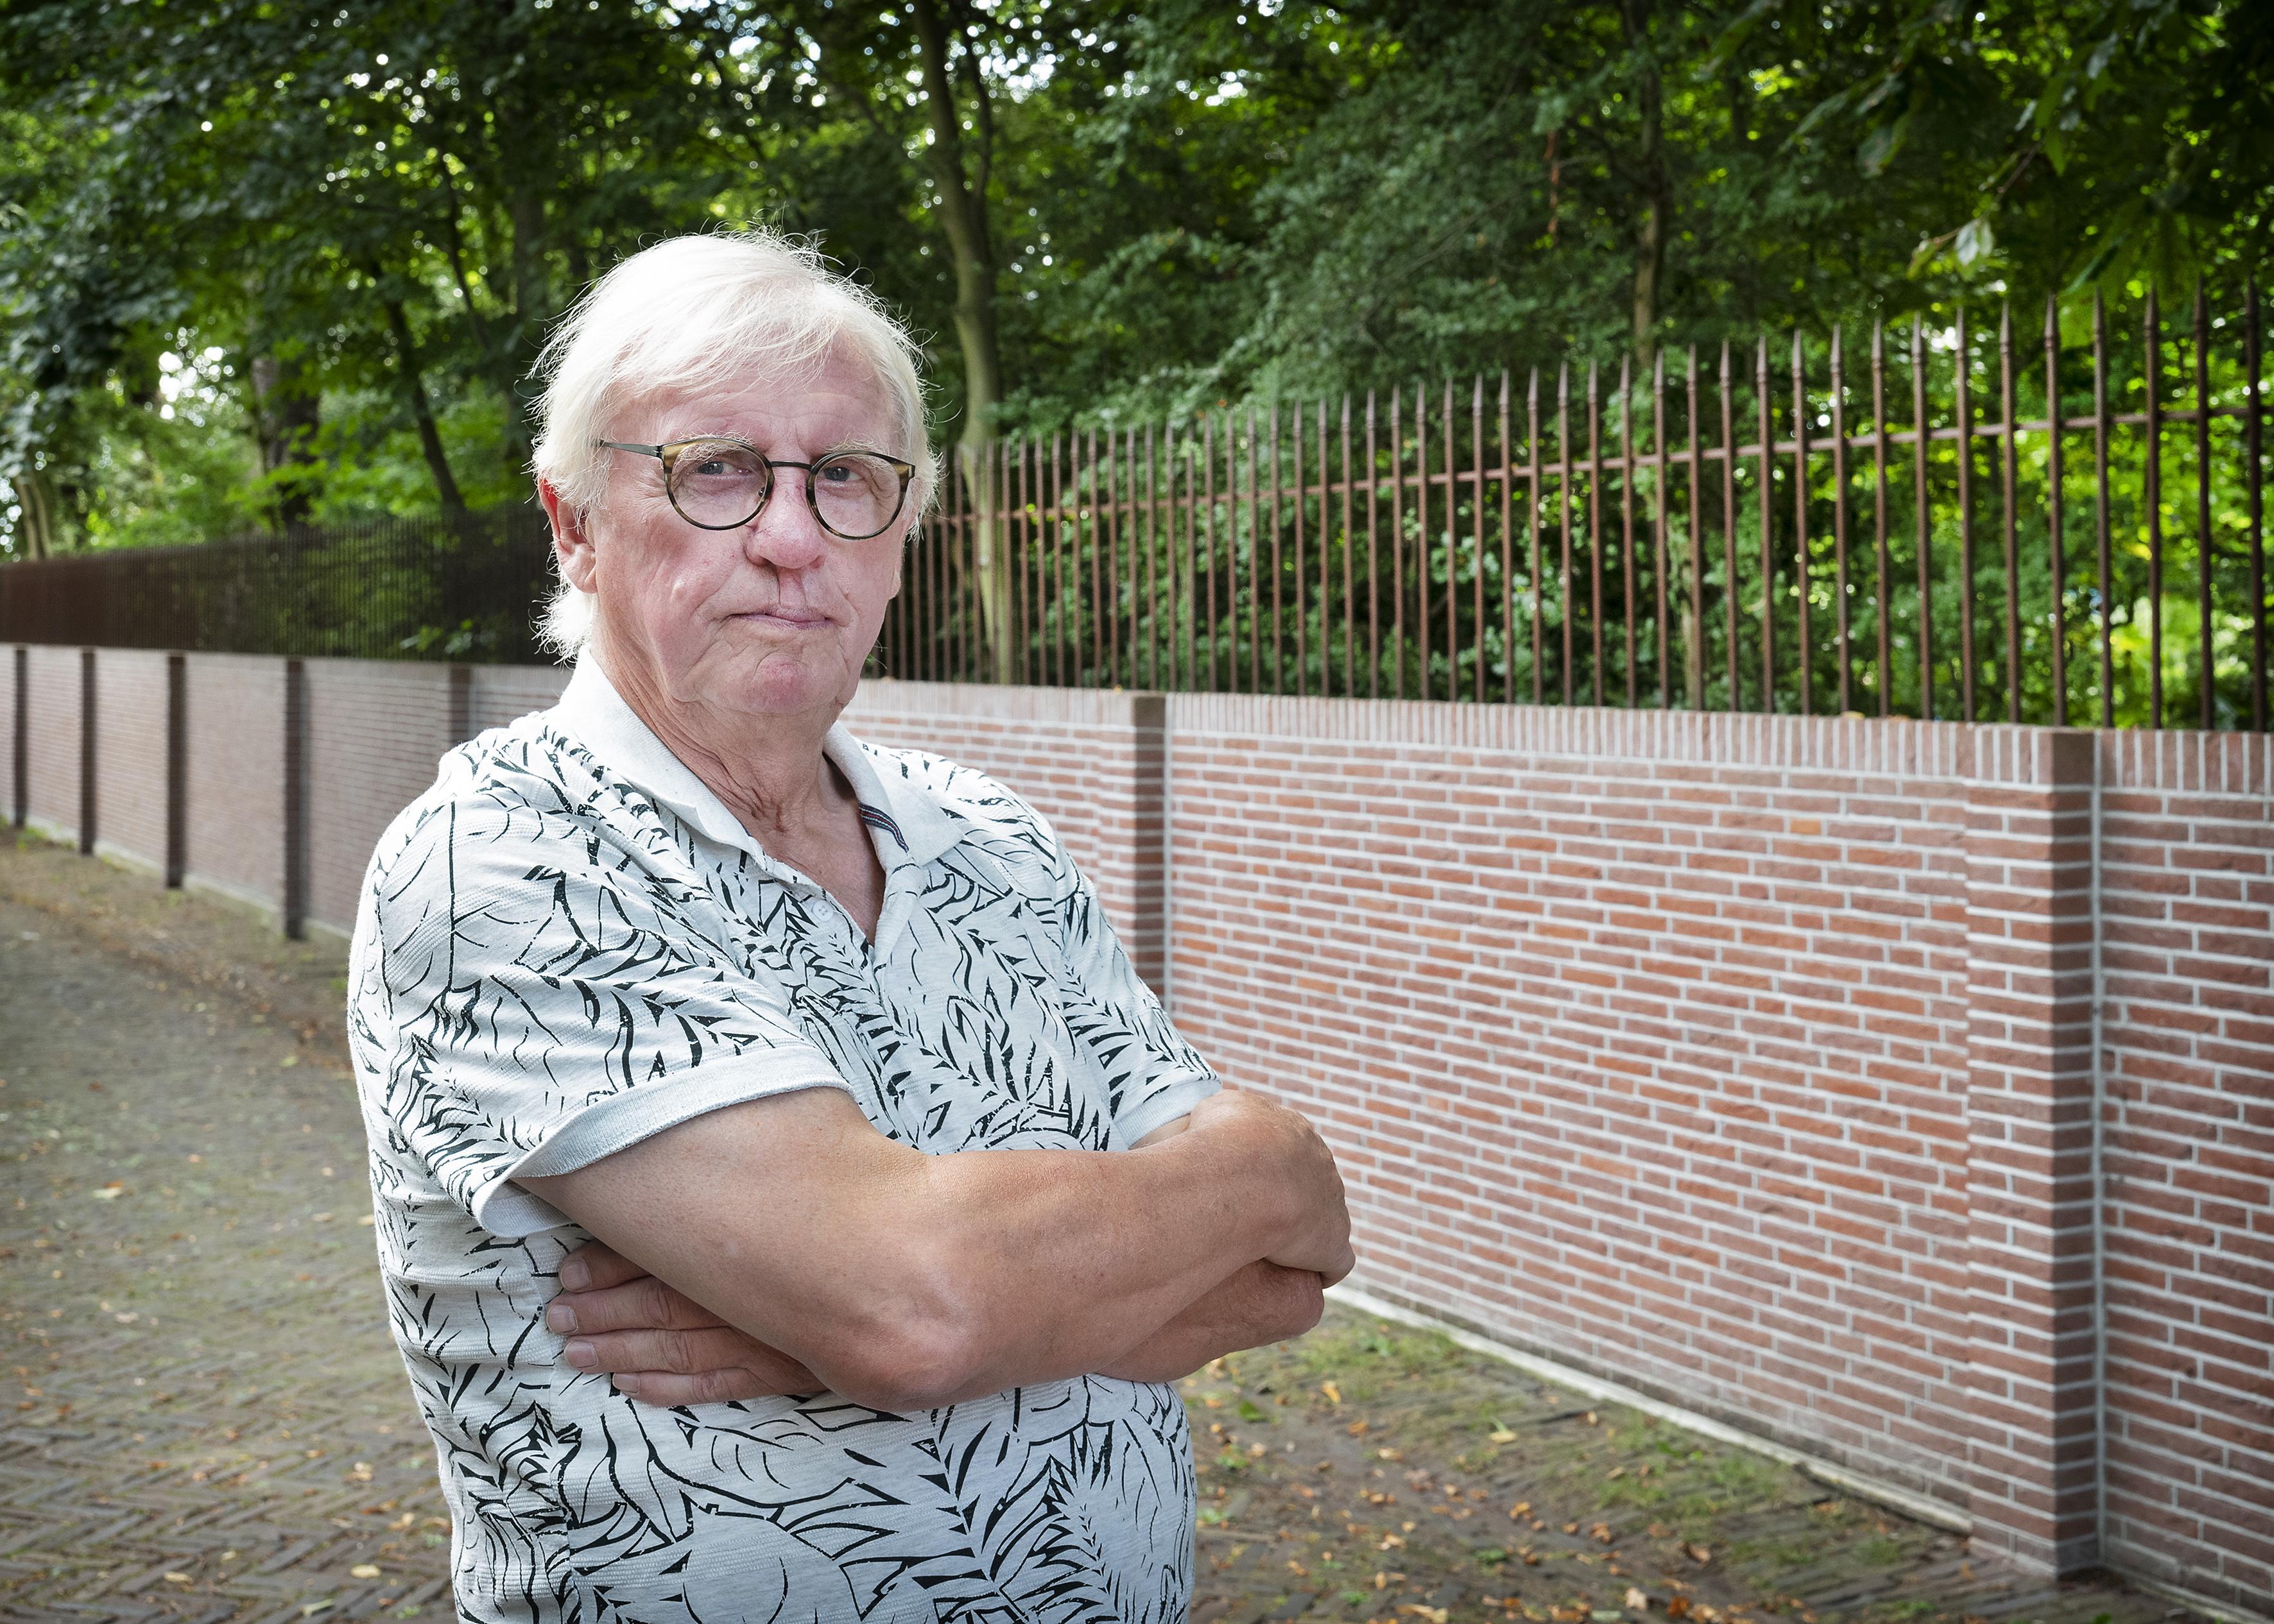 Strijd bij gedenkplek voor verzetsman in Santpoort-Noord: Hans van Beem bepleit weghalen 'afschuwelijke' omheining, die hem doet denken aan brief van grootvader Johan over gevangenschap in Tweede Wereldoorlog